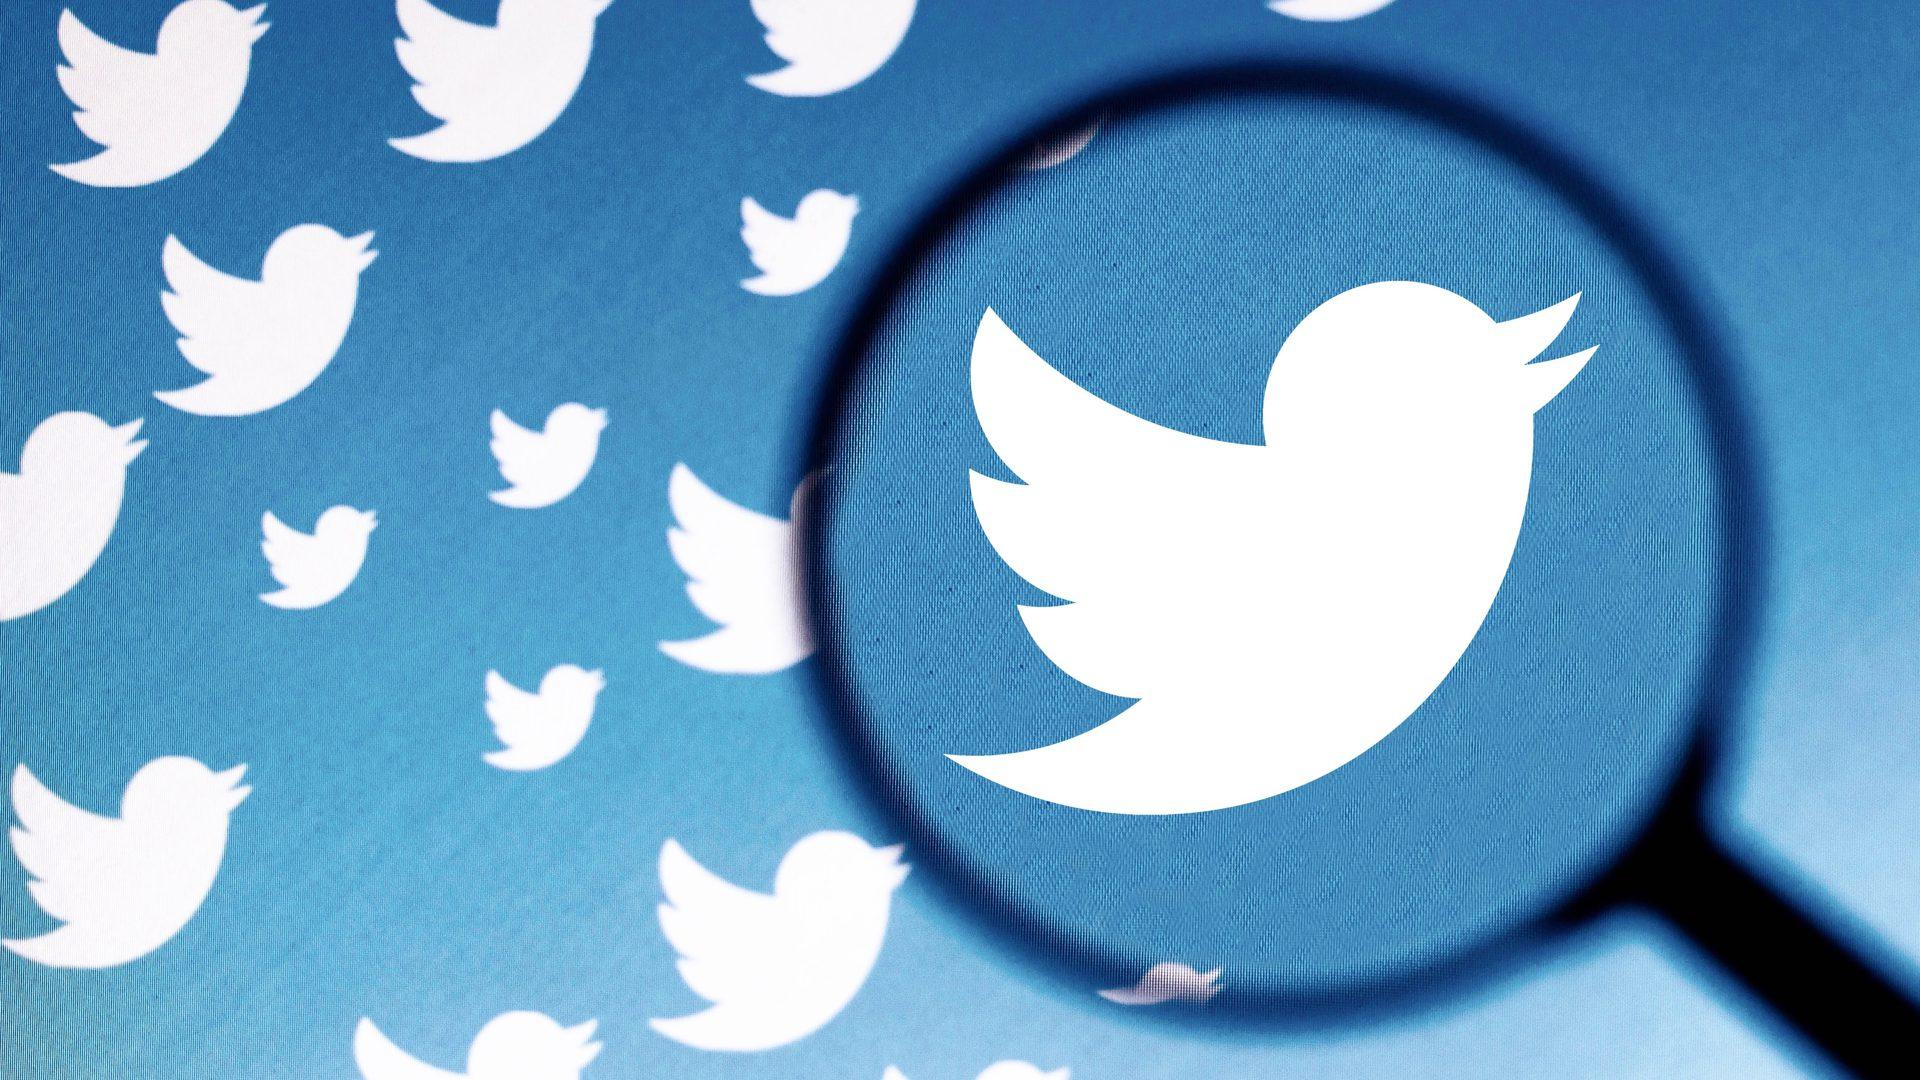 Μόνη αντιπολίτευση το Twitter...στην Ελλάδα!